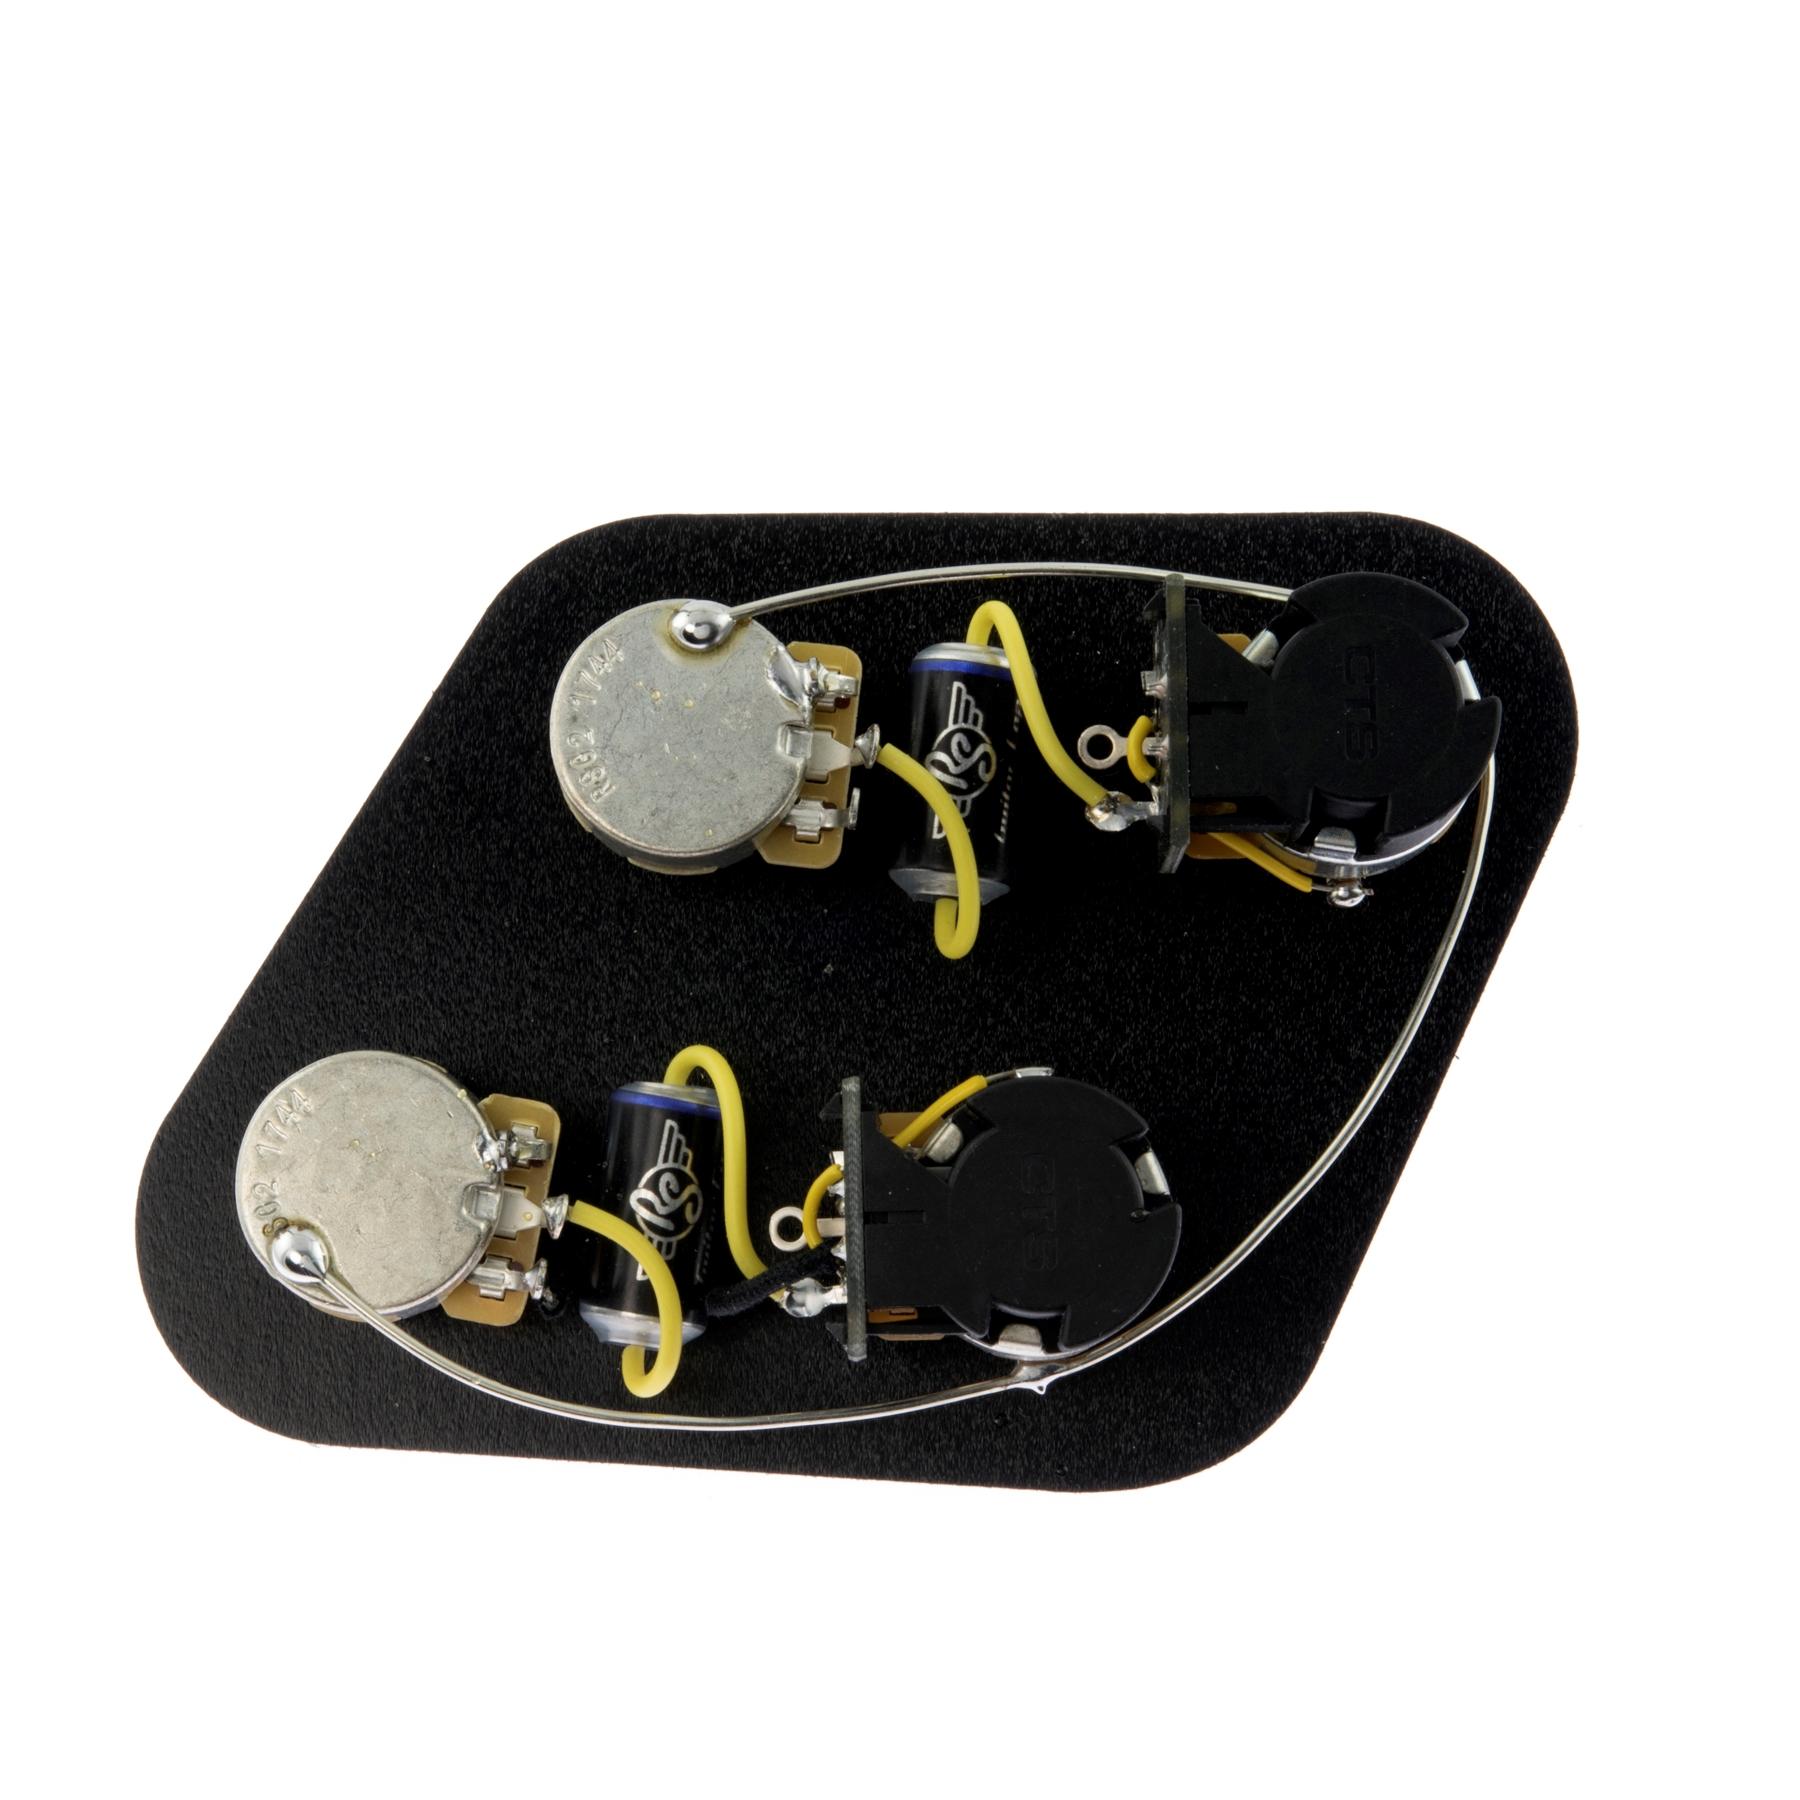 Pre_Wired_Vintage_JP_Upgrade_Kit_Short_Shaft_5_productzoom pre wired vintage 'jp' electronics upgrade kit short shaft